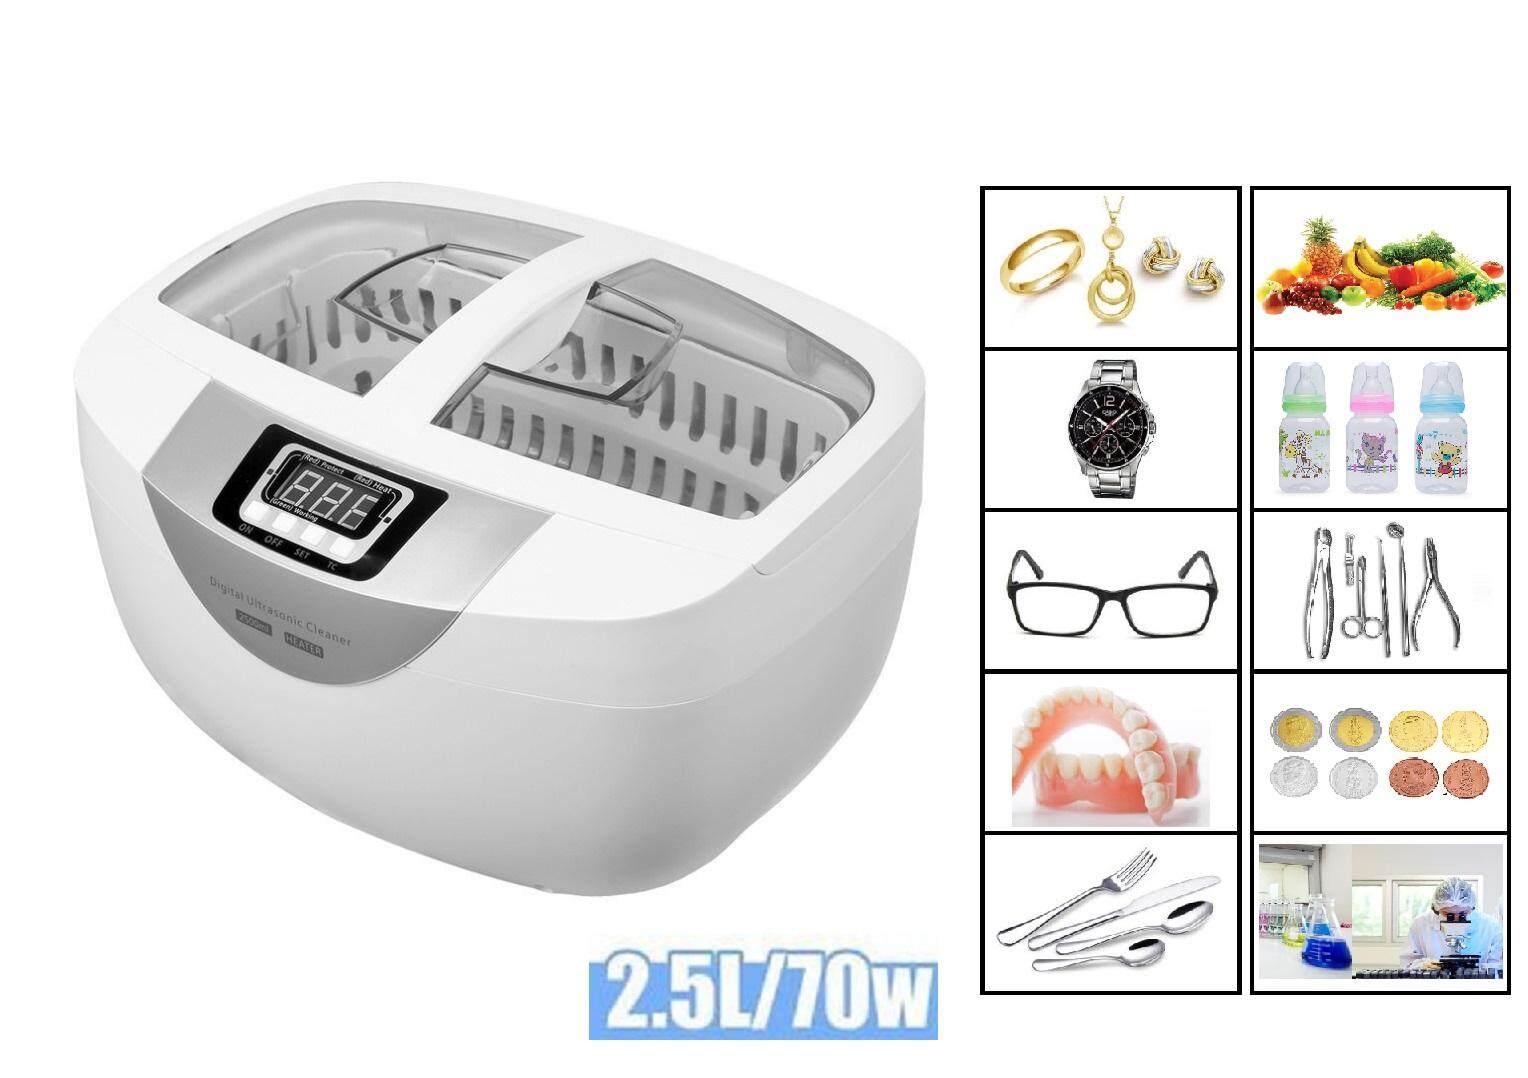 เครื่องทำความสะอาดล้างผักหรืออื่นๆระบบอัลตร้าโซนิก  2.5l Ultrasonic Cleaner แบบดิจิตอลสำหรับการทำความสะอาดอัญมณี แว่นตา นาฬิกา สร้อยคอ ข้อมือแหวน สร้อยคอ เหรียญ ฟันปลอม.